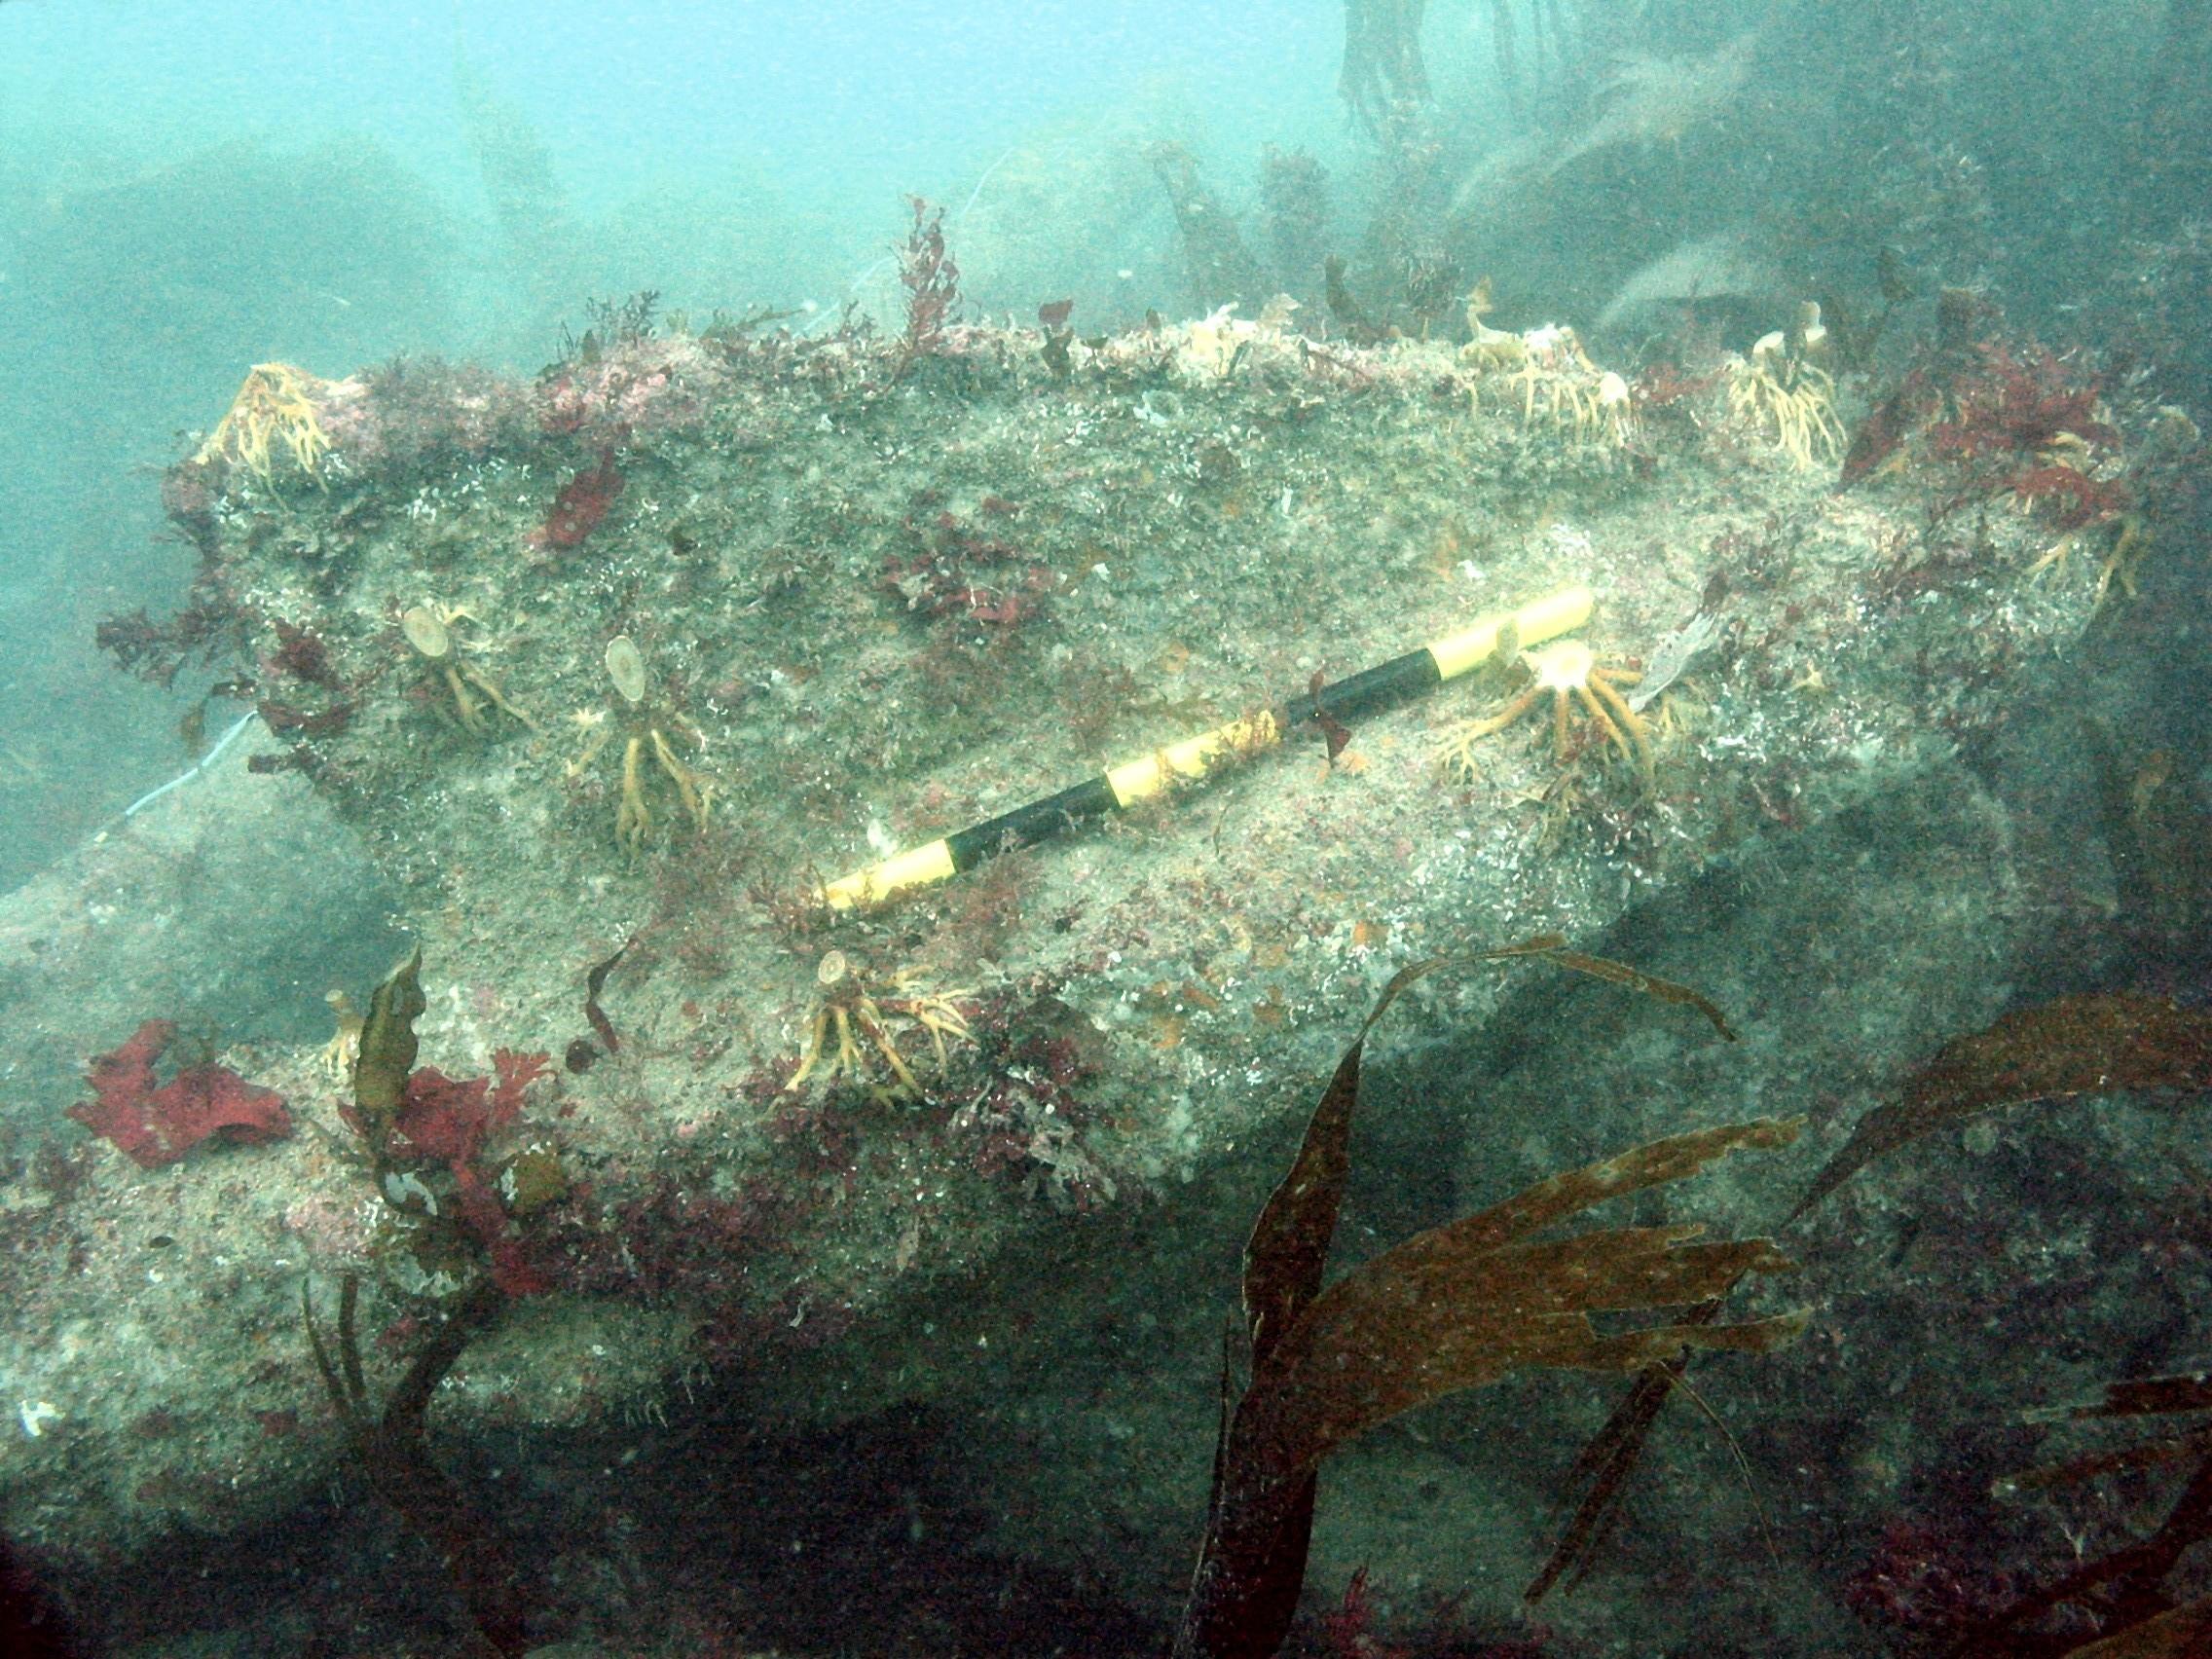 An anchor fluke at the Coronation wrecksite